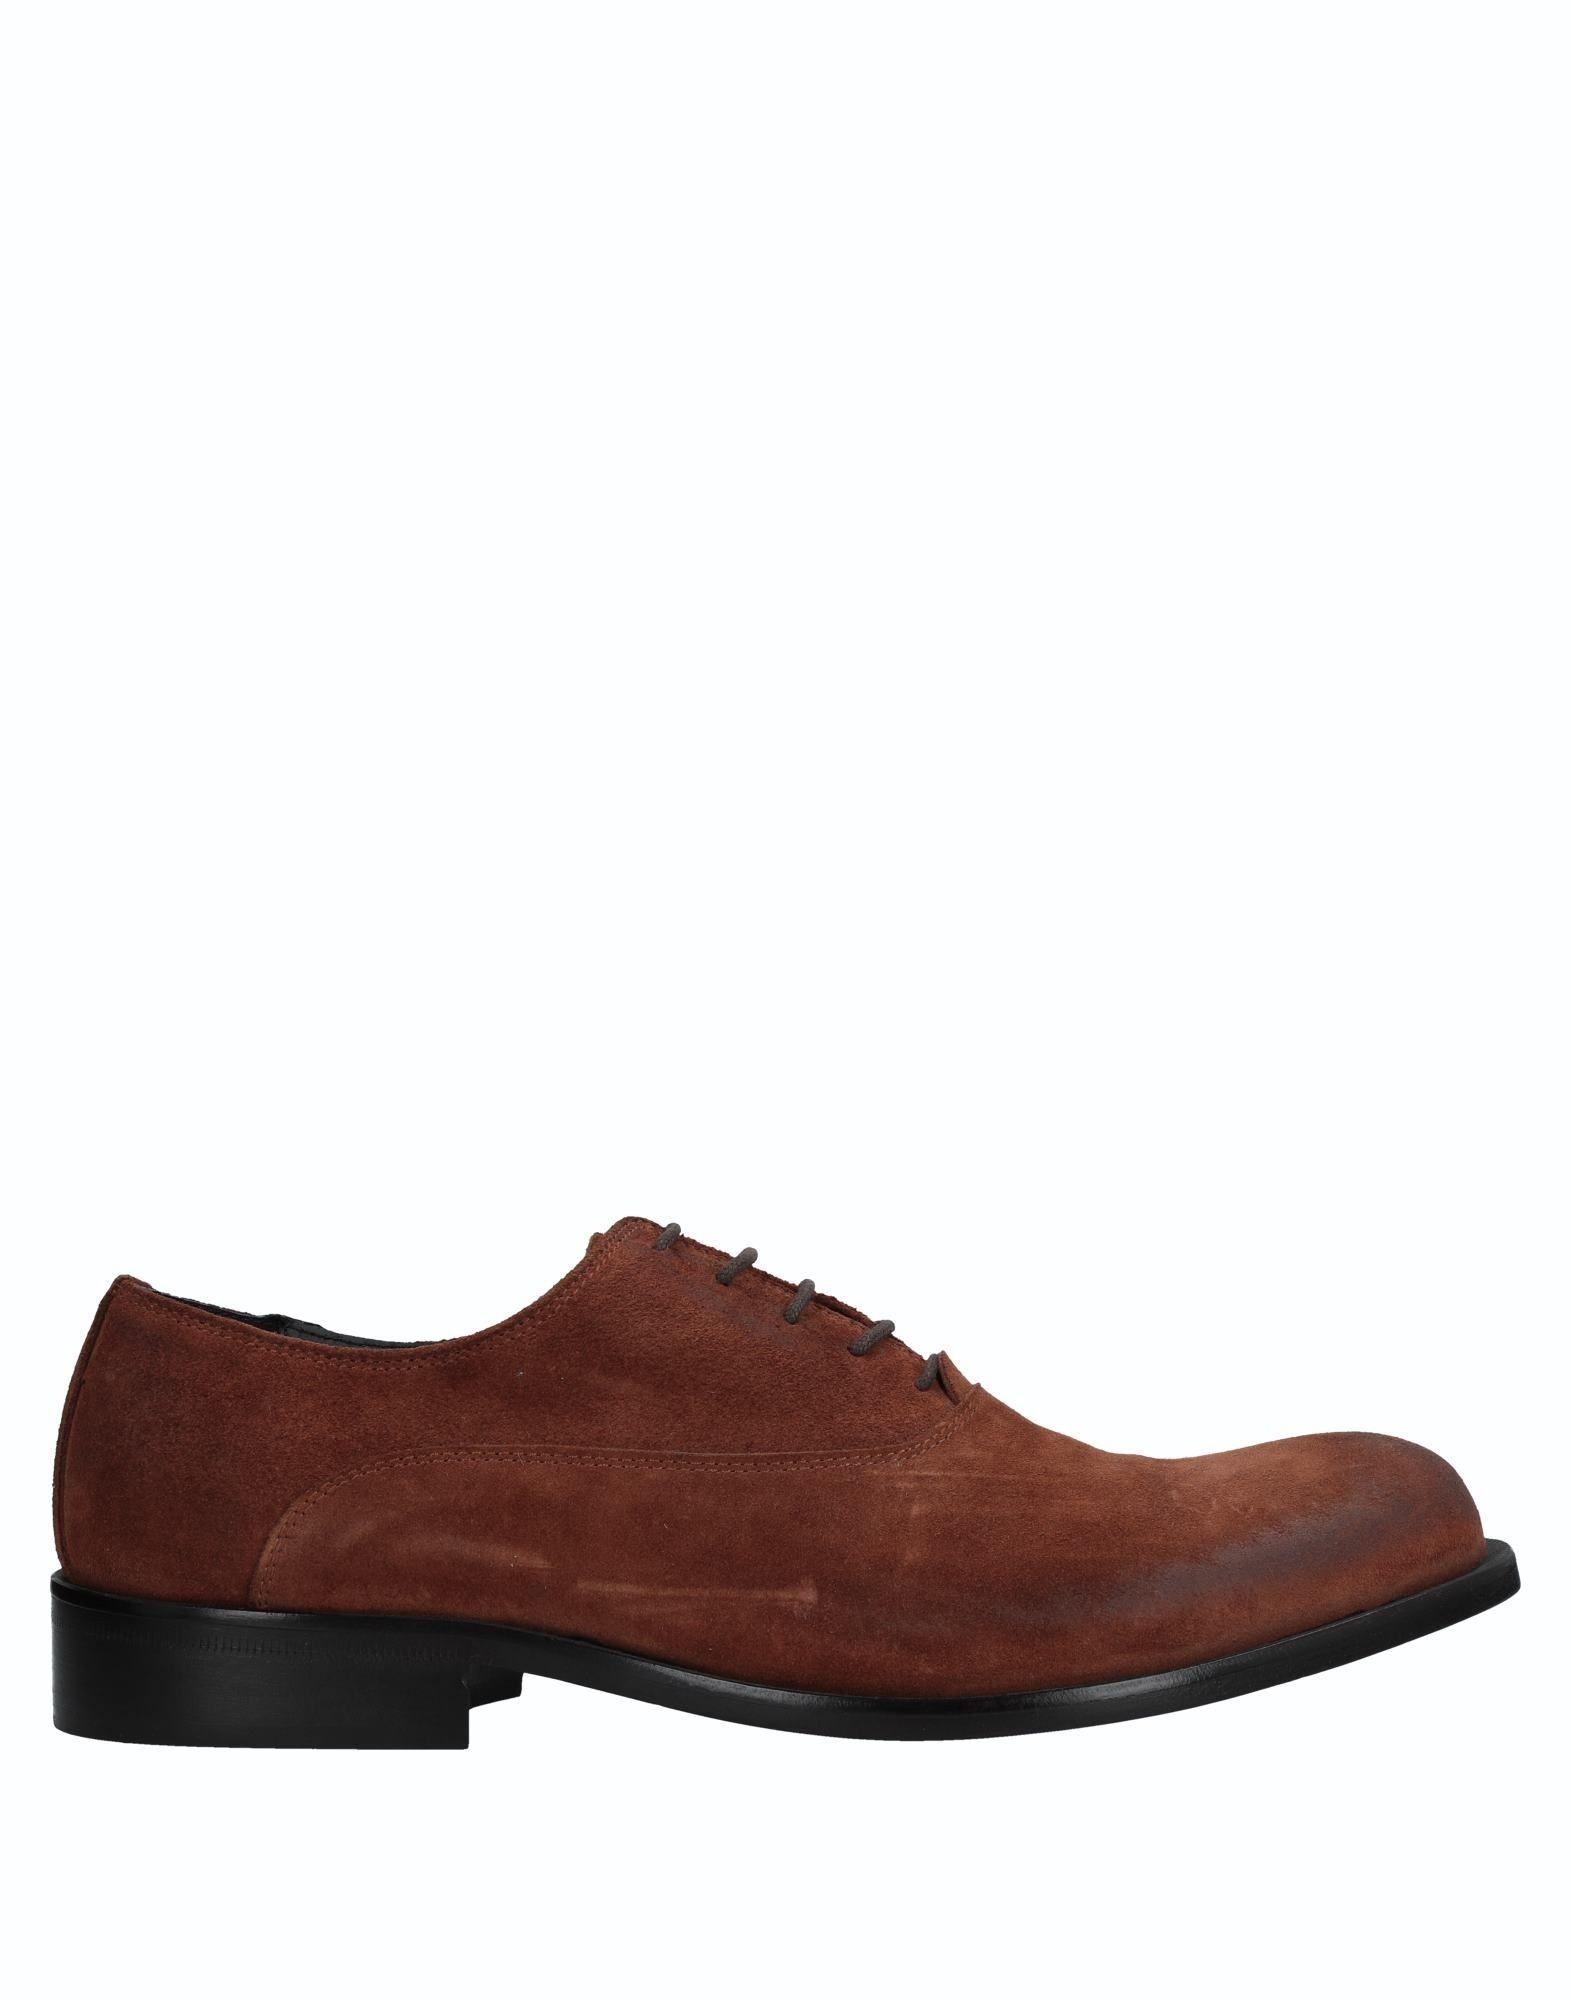 Фото - FRANCESCONI Обувь на шнурках обувь на высокой платформе dkny